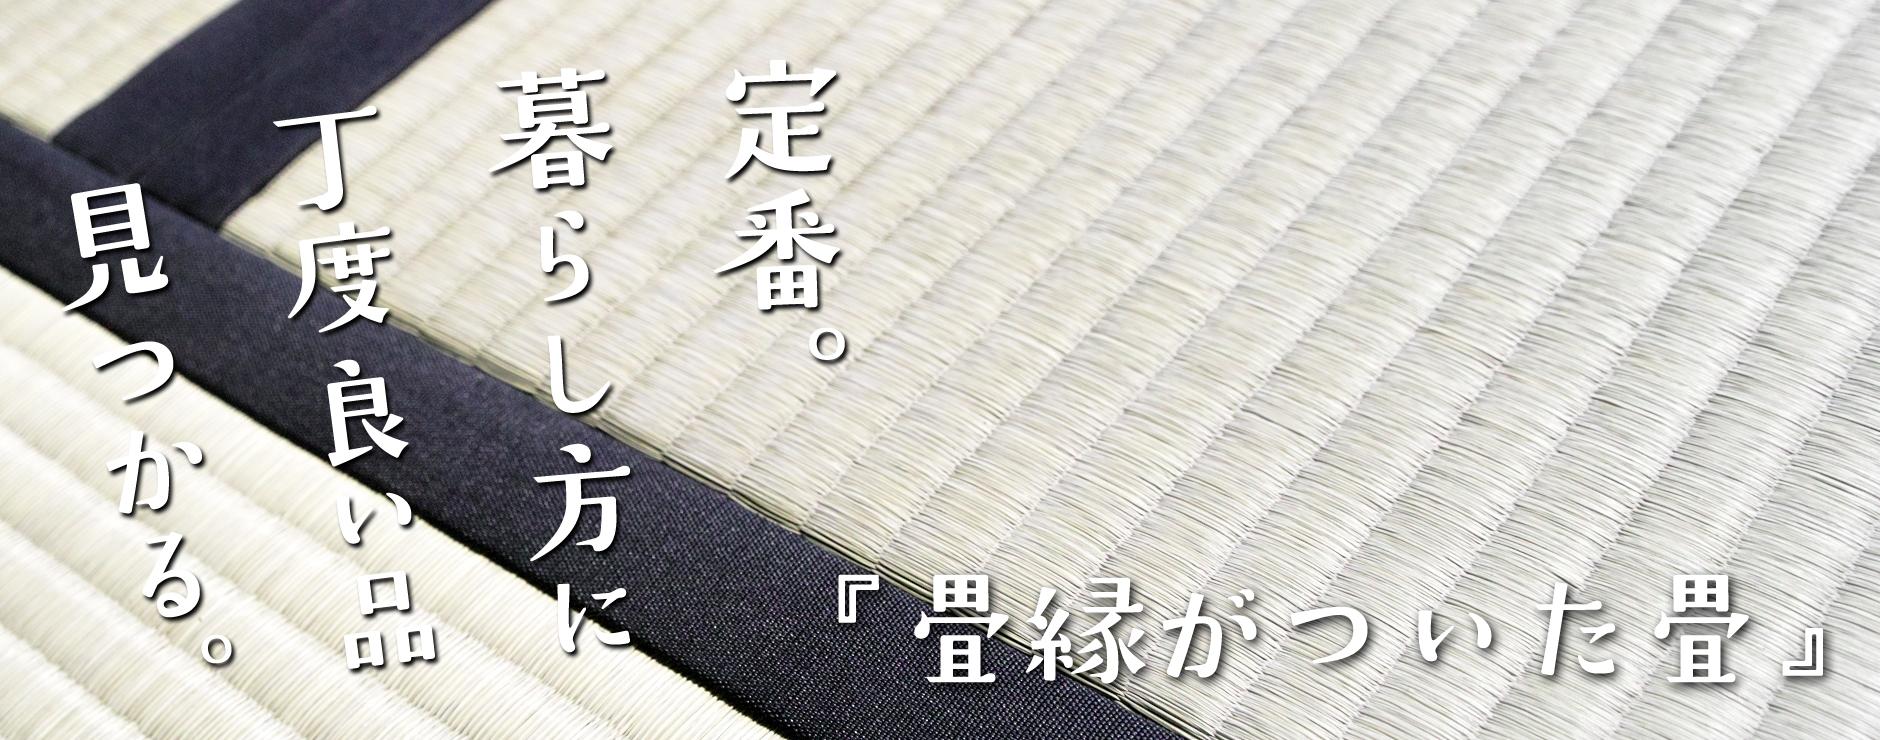 定番。暮らし方が見つかる。『畳縁がついた畳』